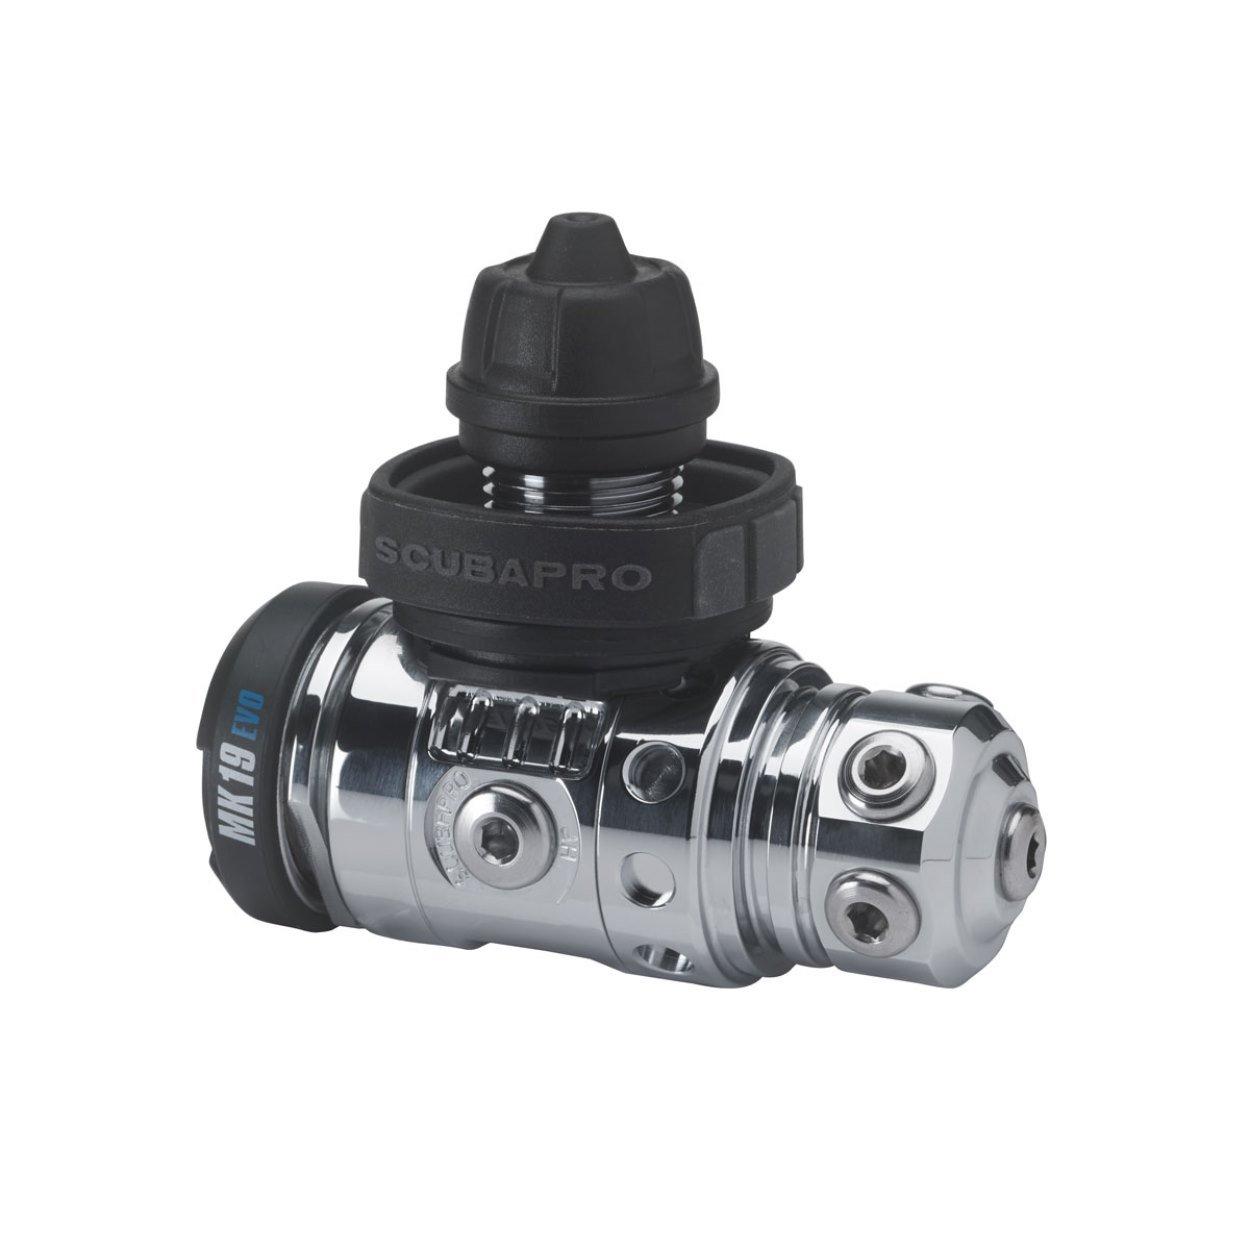 Водолазен регулатор първа степен с въртяща се глава MK19 EVO DIN 300 - Scubapro